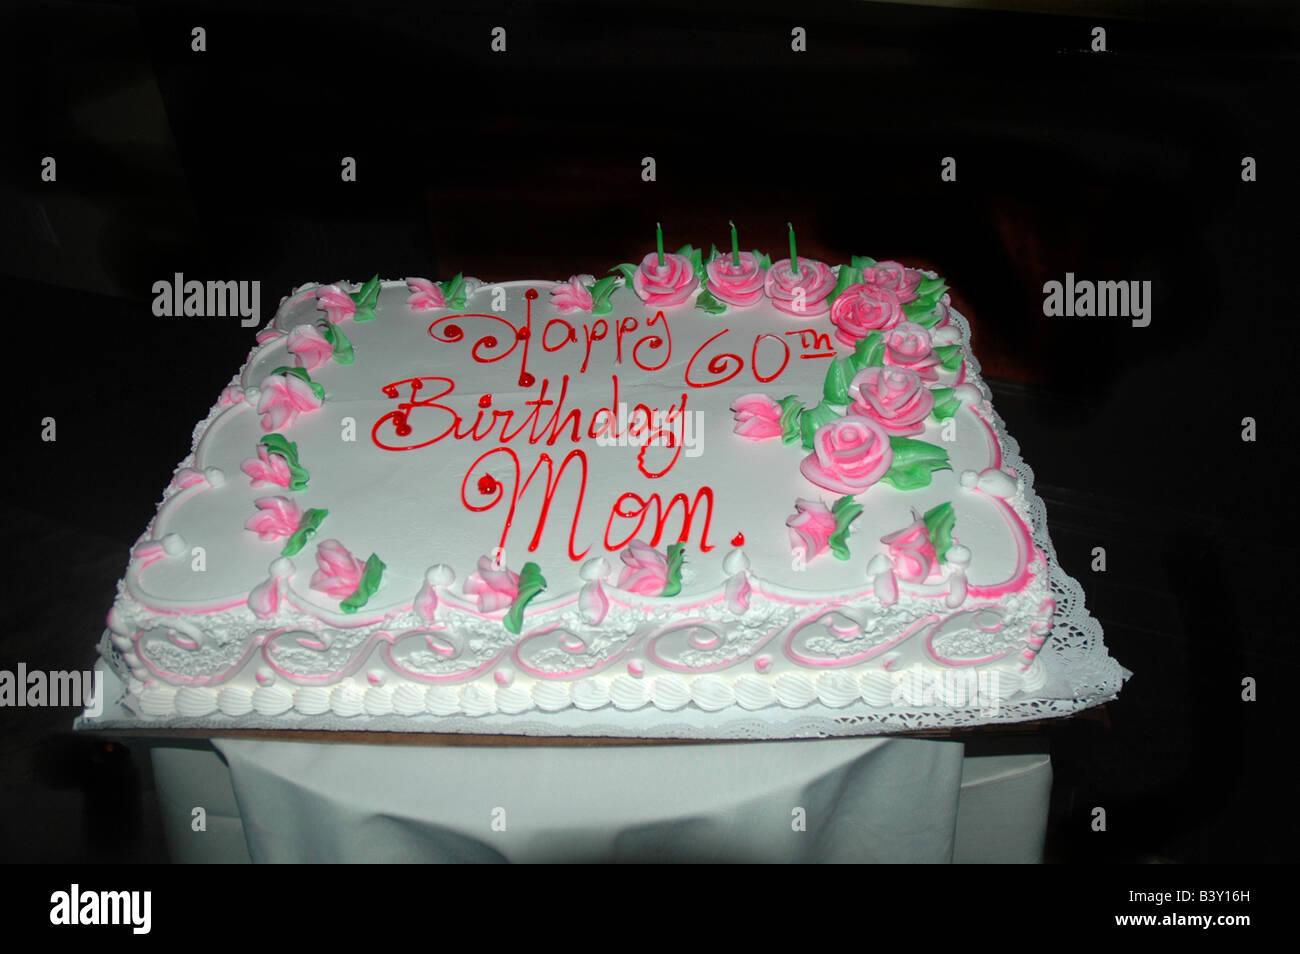 60th birthday cake Happy Birthday Mom Stock Photo 19648009 Alamy